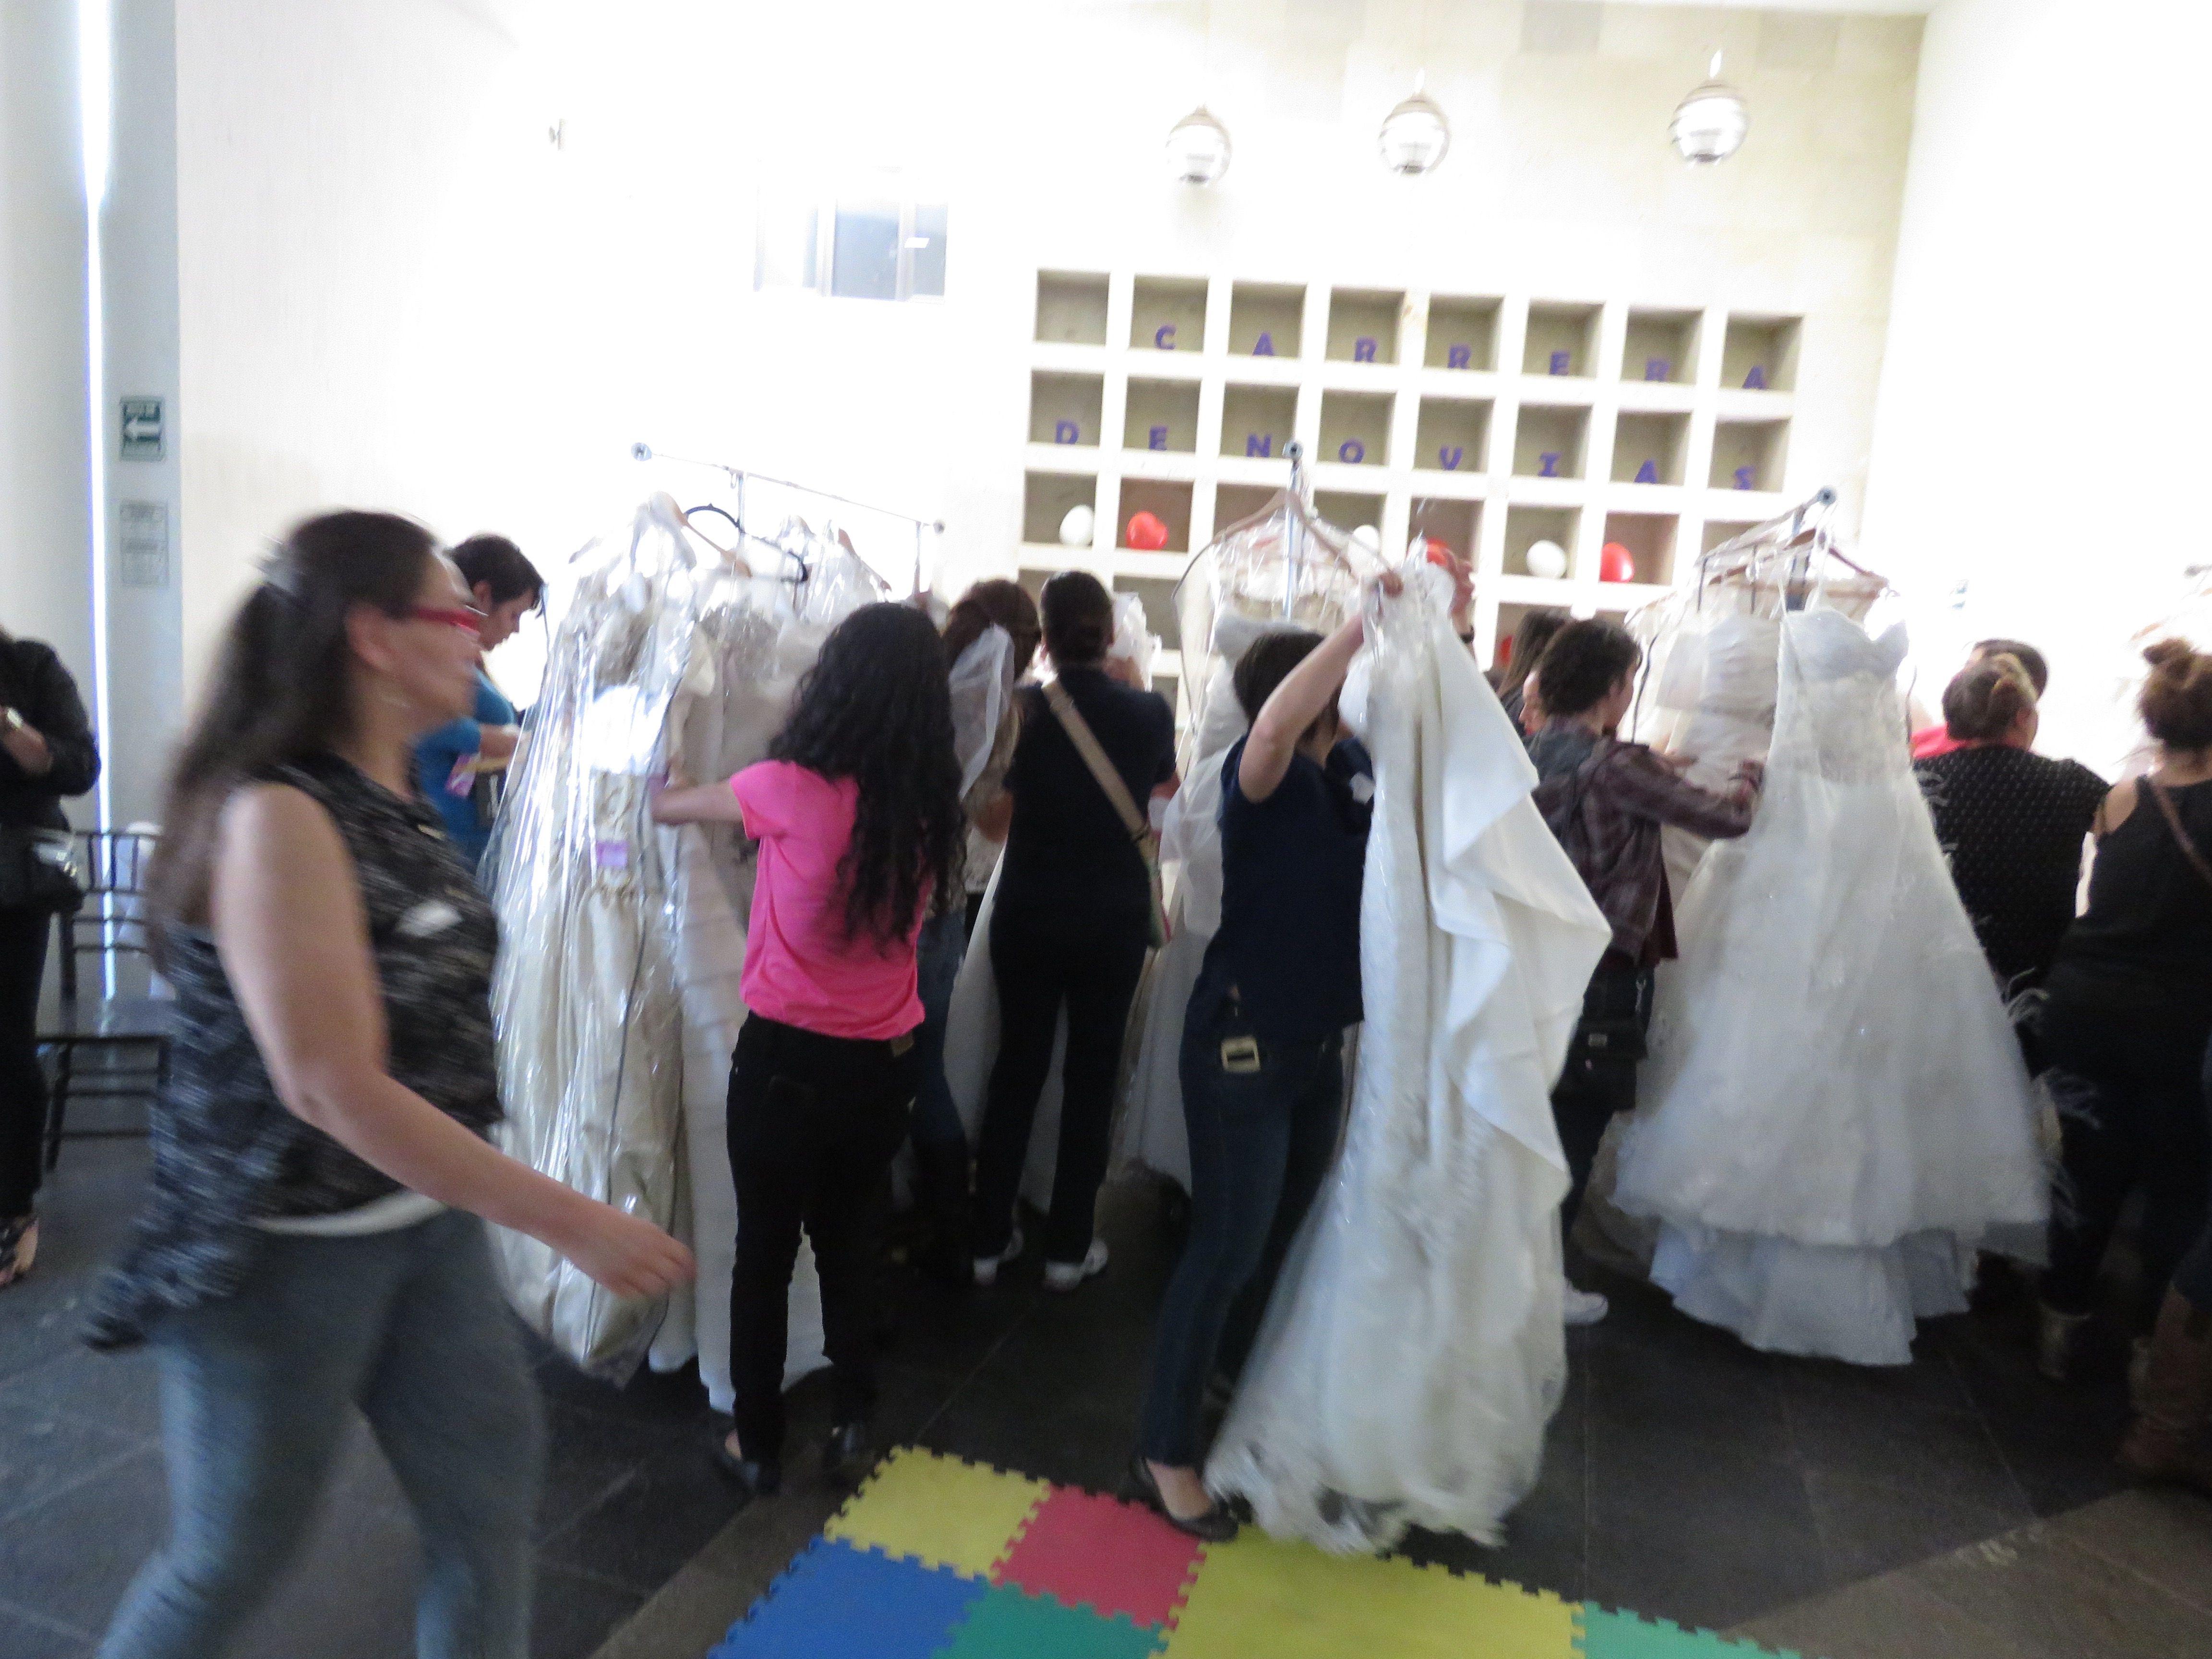 Lo más rápido posible, elegir o descartar, sin importar talla solo diseño y va, sexta carrera de novias.